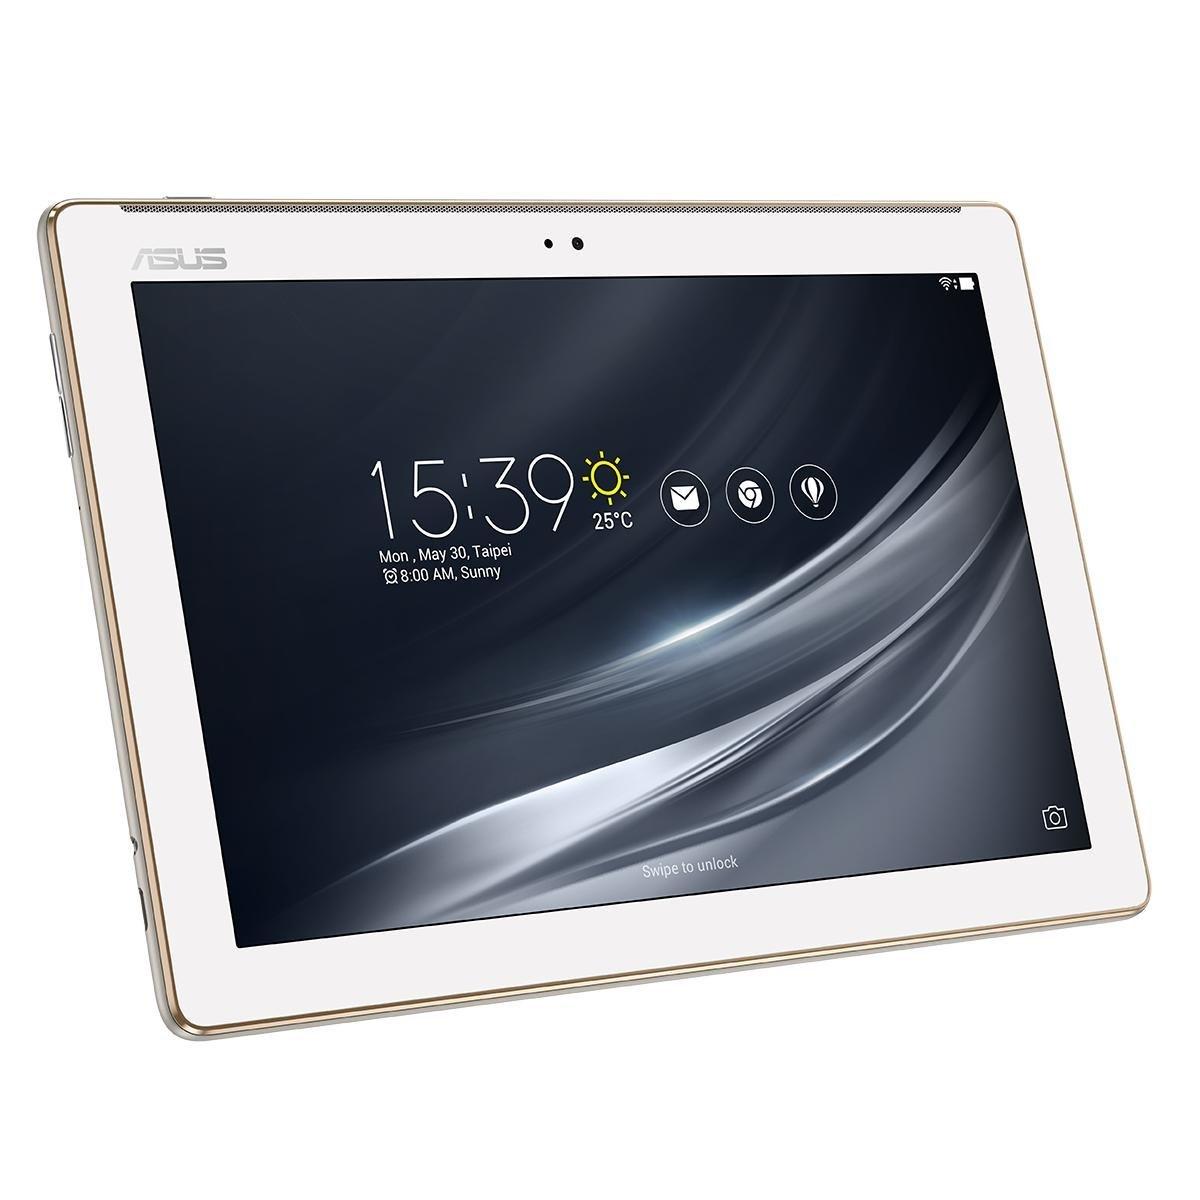 asus zenpad 10 z301m 10 1 best android tablet mediatek. Black Bedroom Furniture Sets. Home Design Ideas